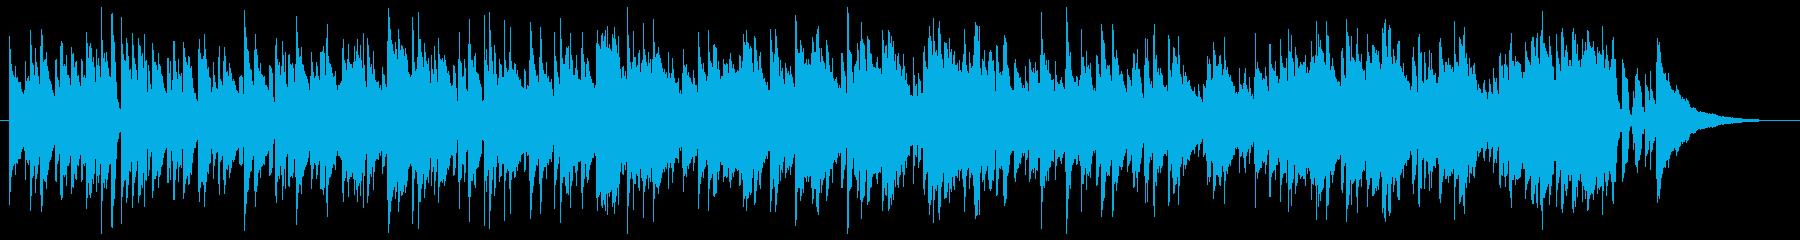 ラテン ジャズ 室内楽 バサノバ ...の再生済みの波形